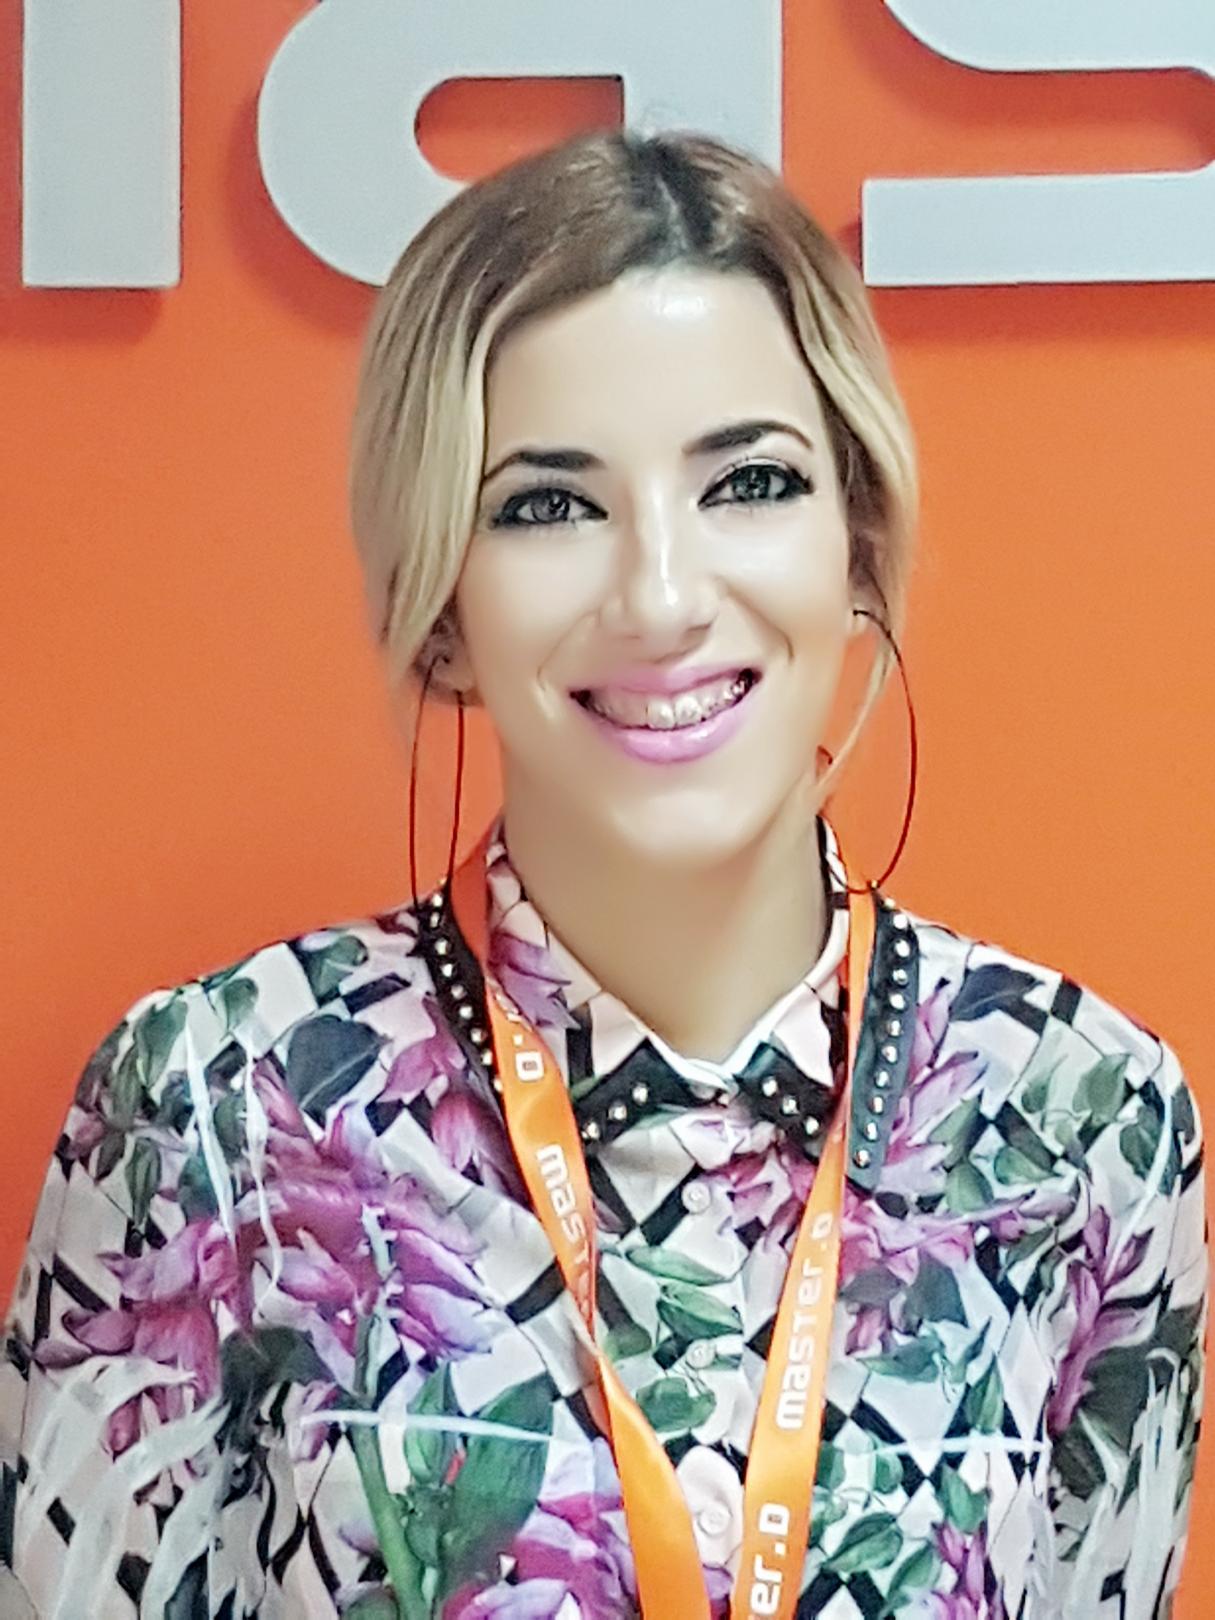 Maria del Pilar Gomez Vera